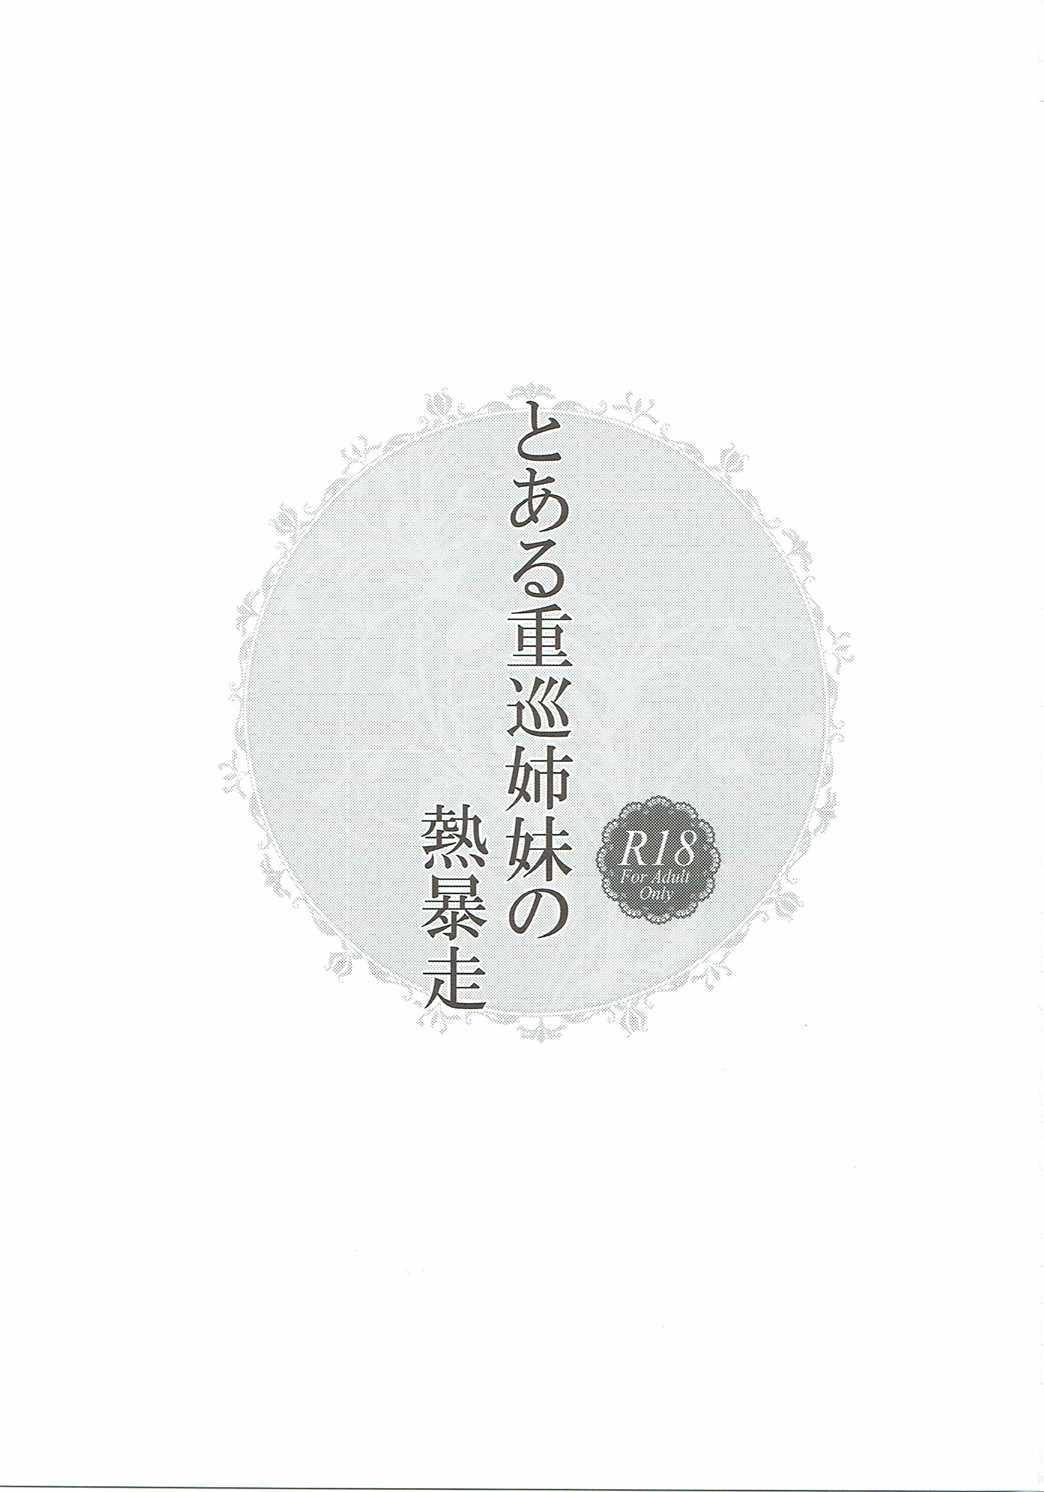 Toaru juujun Shimai no Netsu Bousou 1